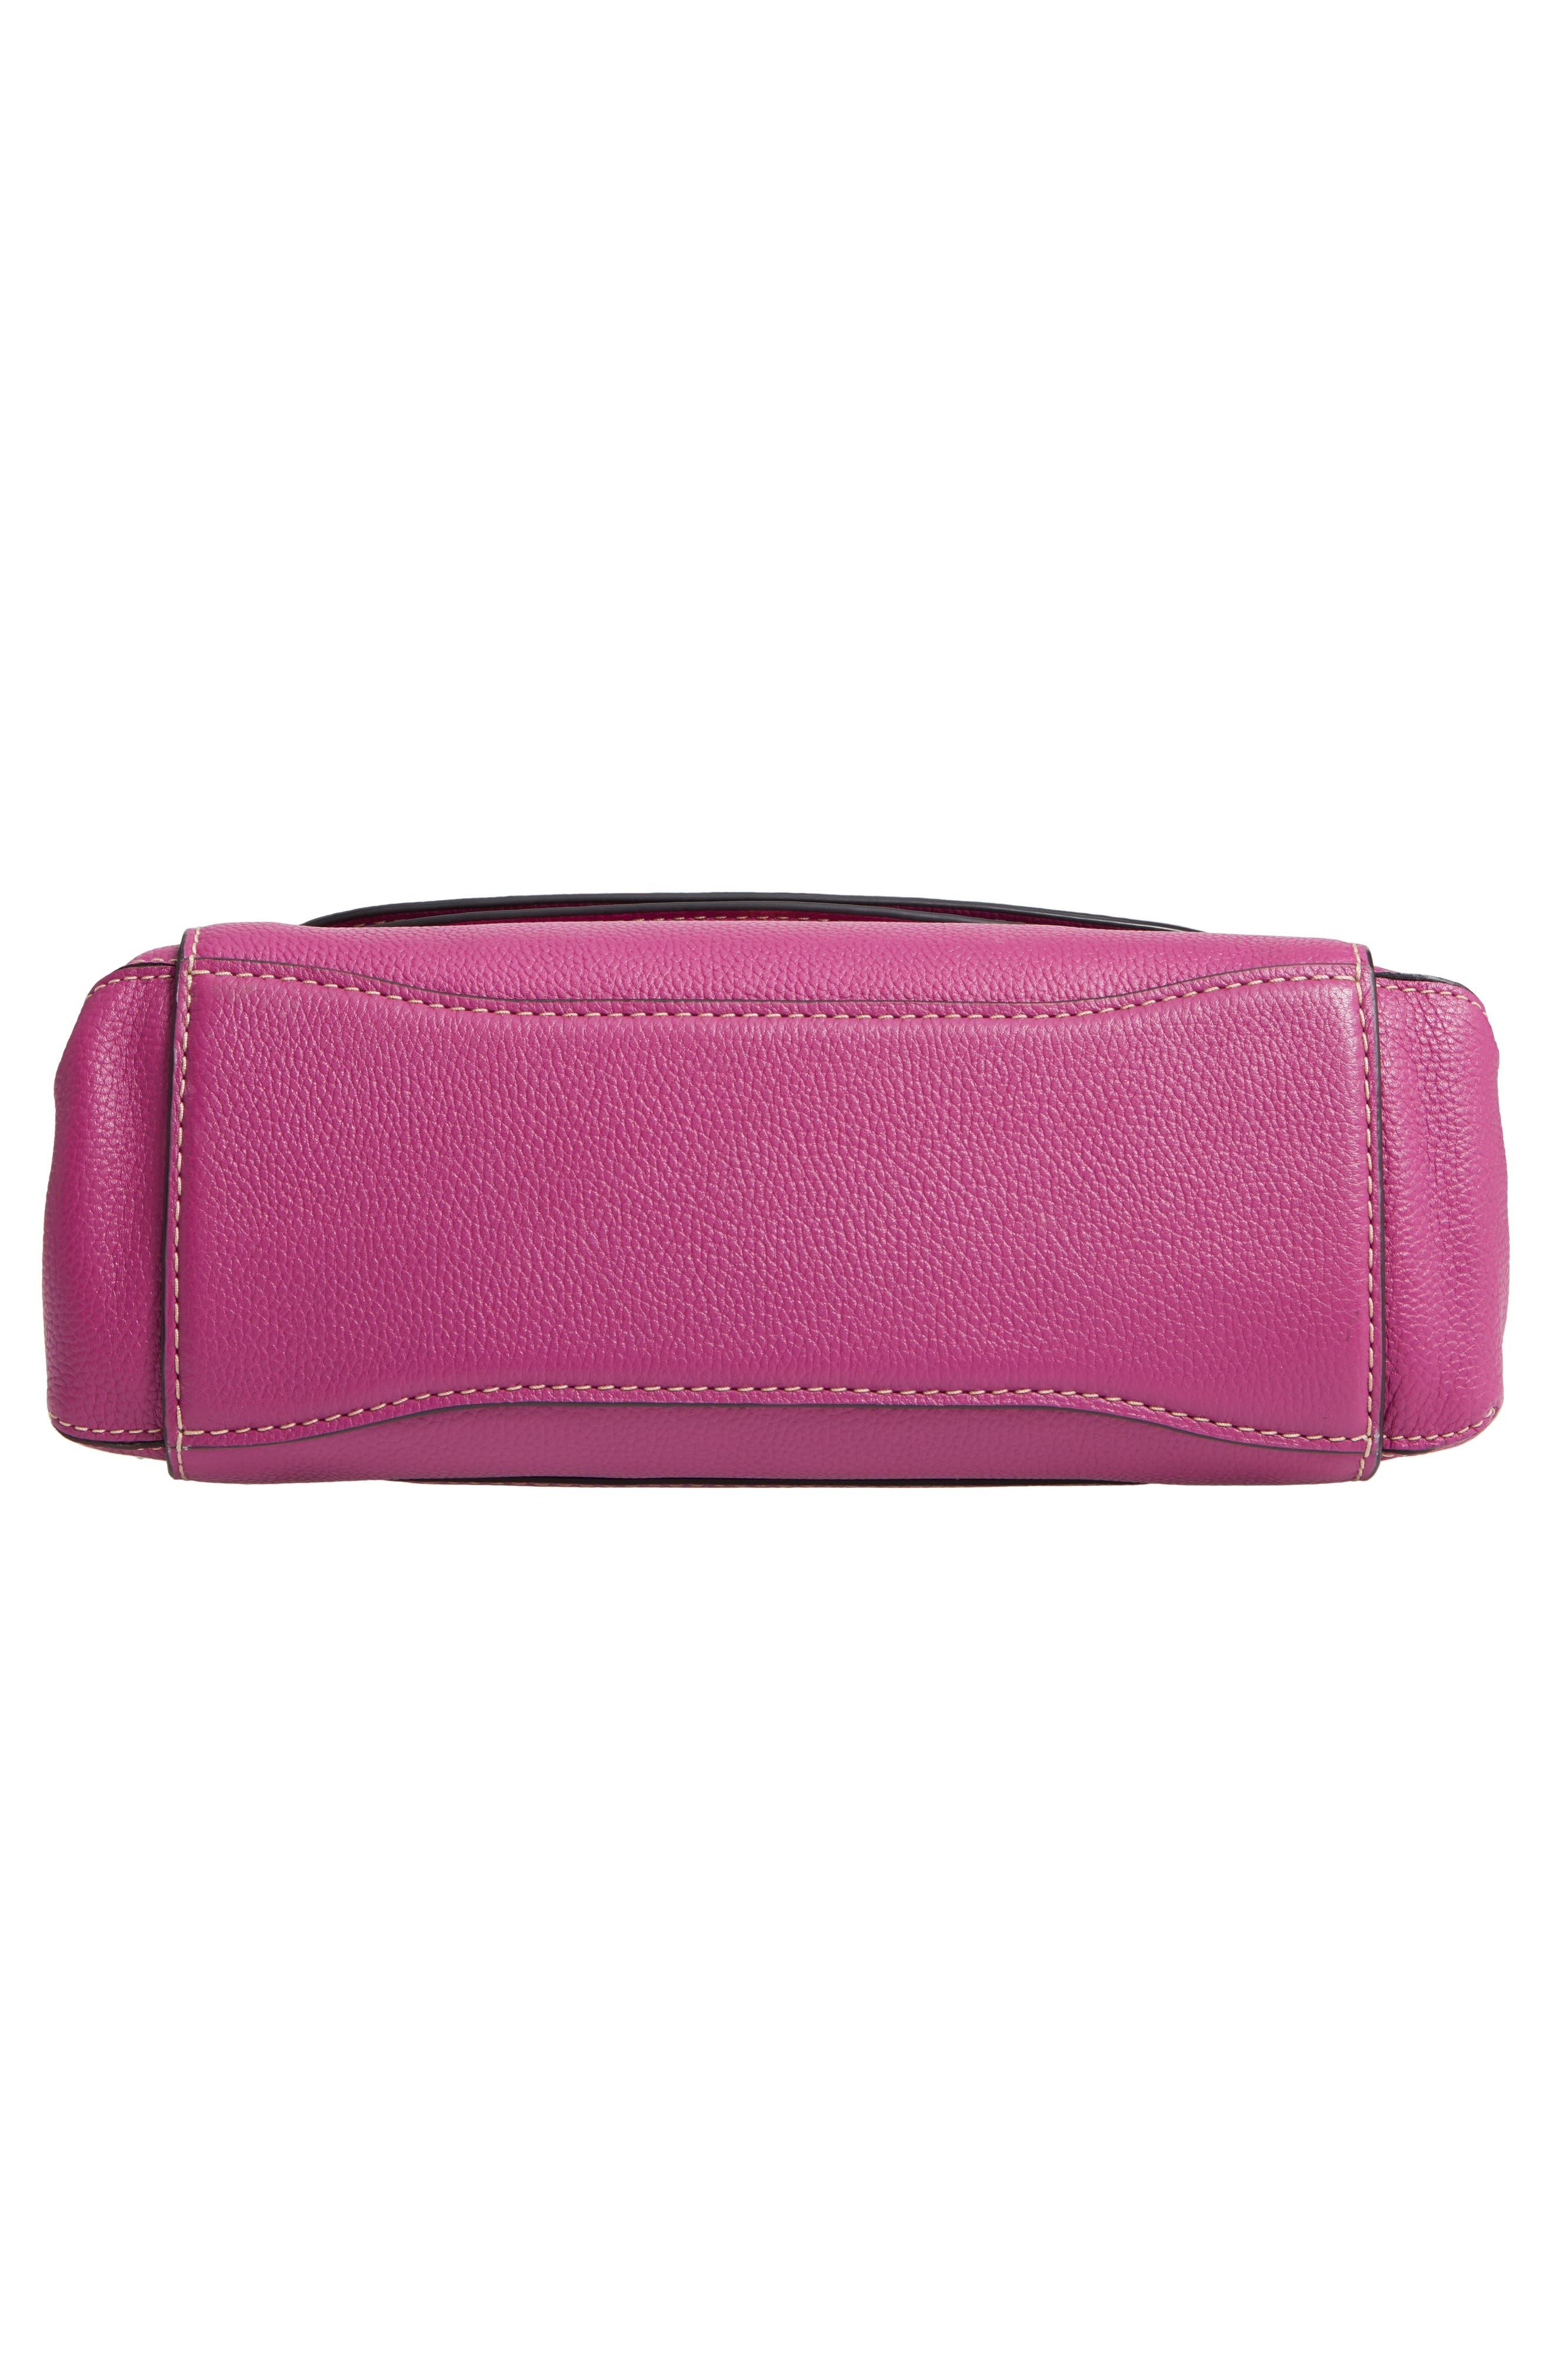 The Grind Boho Leather Shoulder Bag,                             Alternate thumbnail 6, color,                             RHUBARB